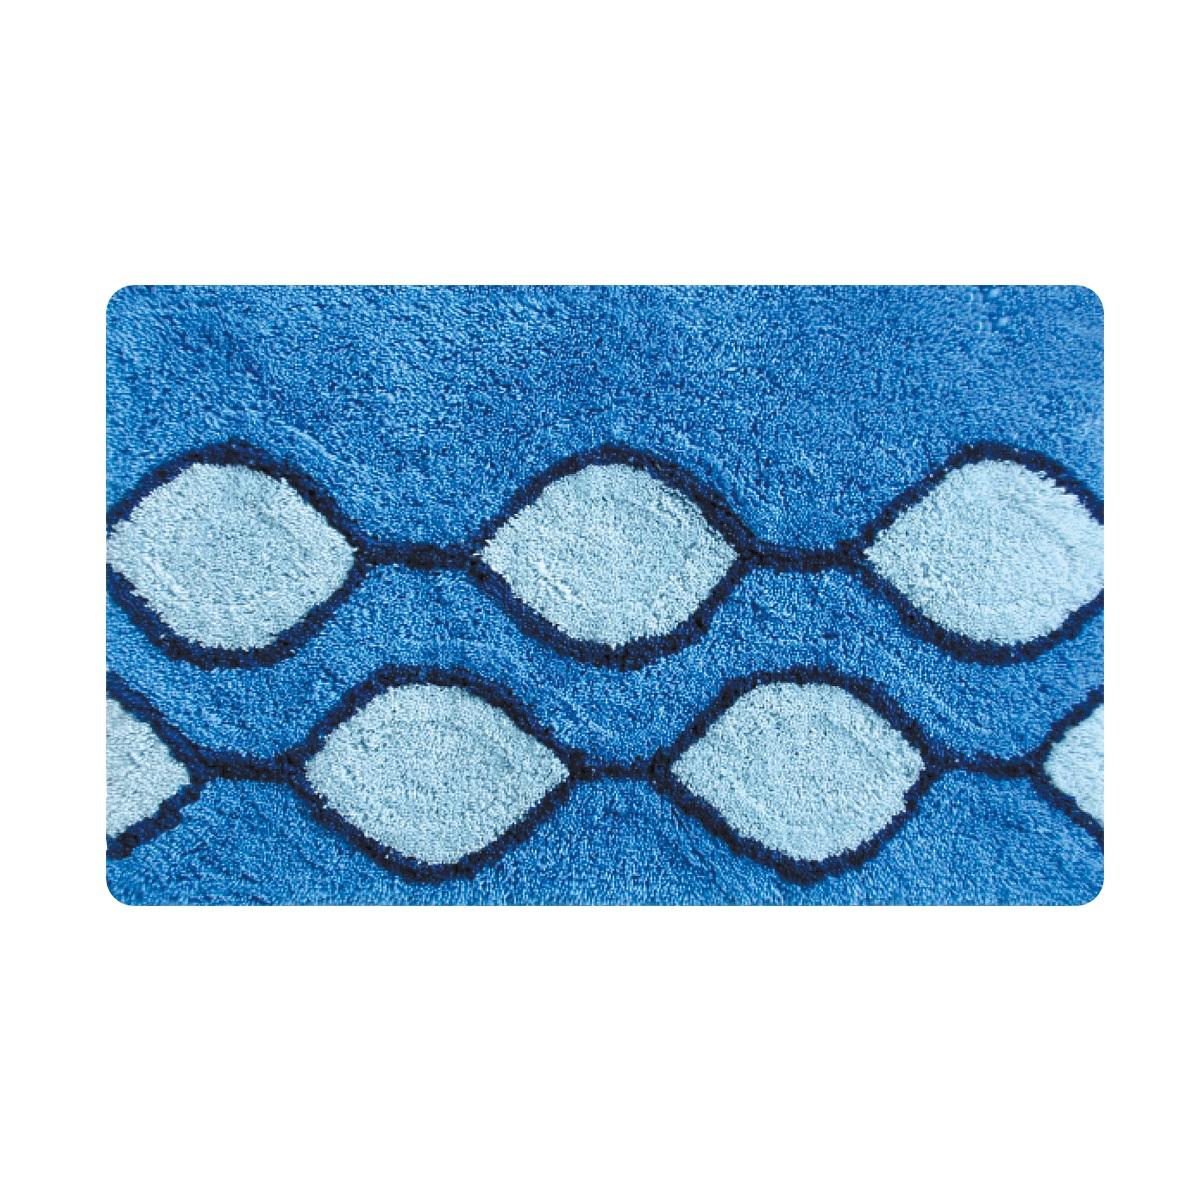 Коврик для ванной Iddis Curved Lines Blue, цвет: синий, 50 х 80 см коврик для ванной iddis curved lines 50x80 см 402a580i12 page 5